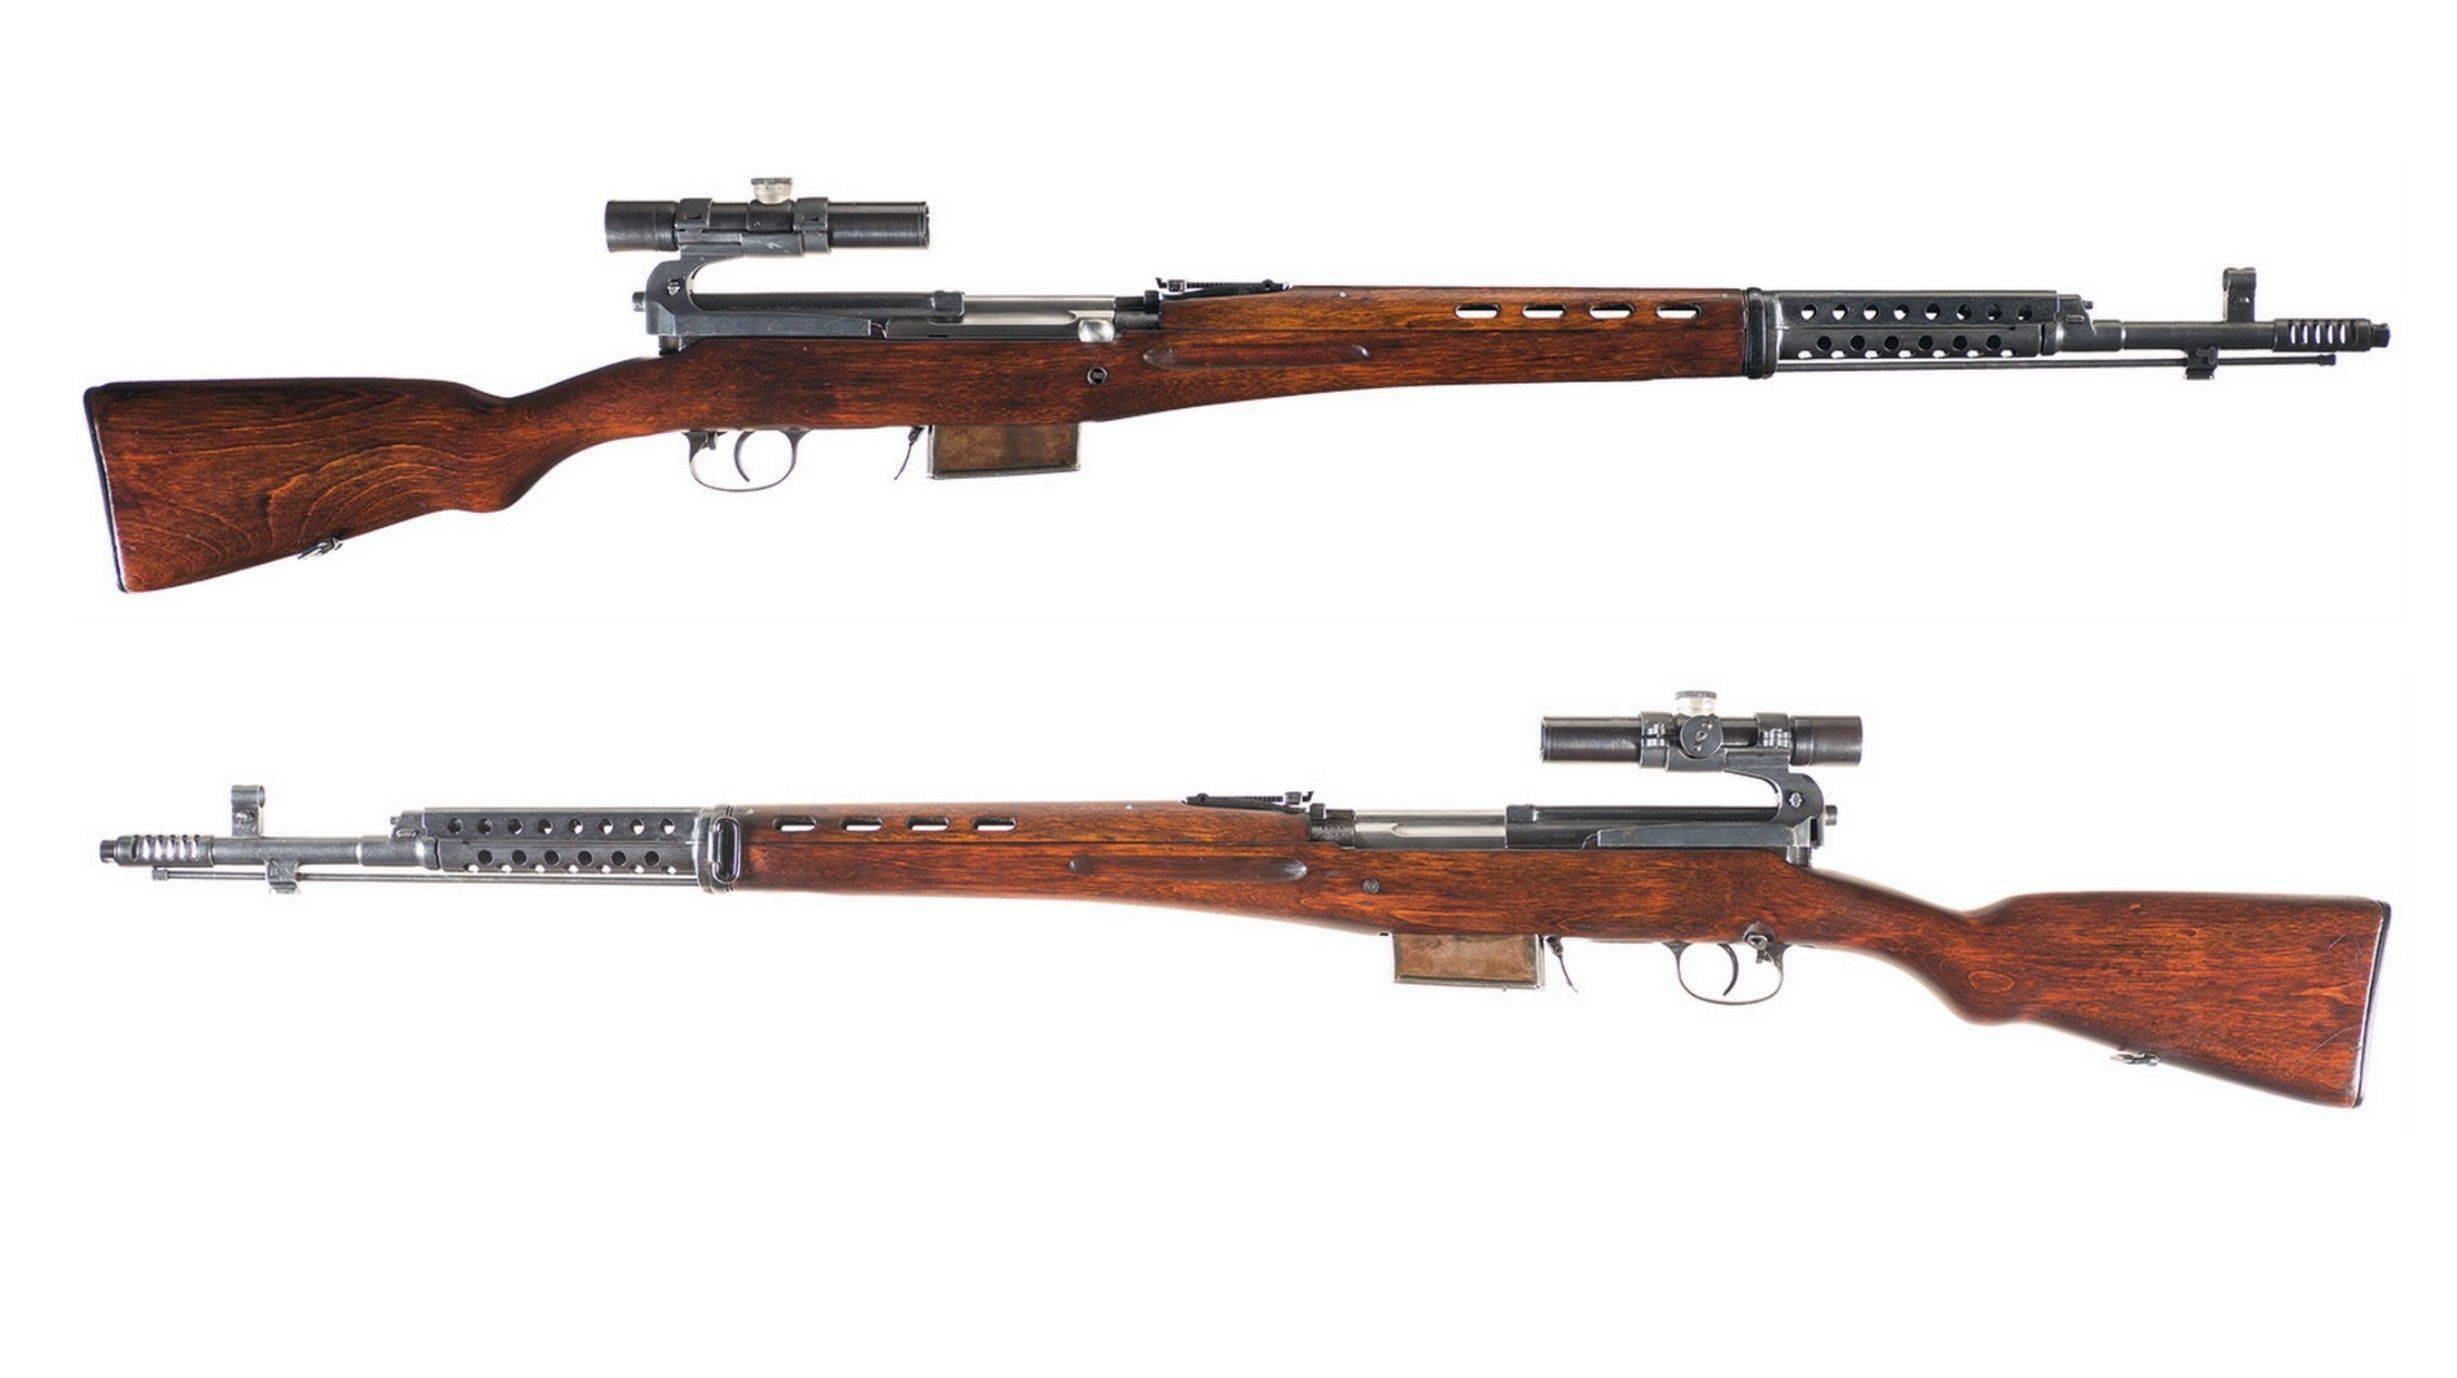 Самозарядная винтовка Токарева: модификации СВТ-38 и СВТ-40